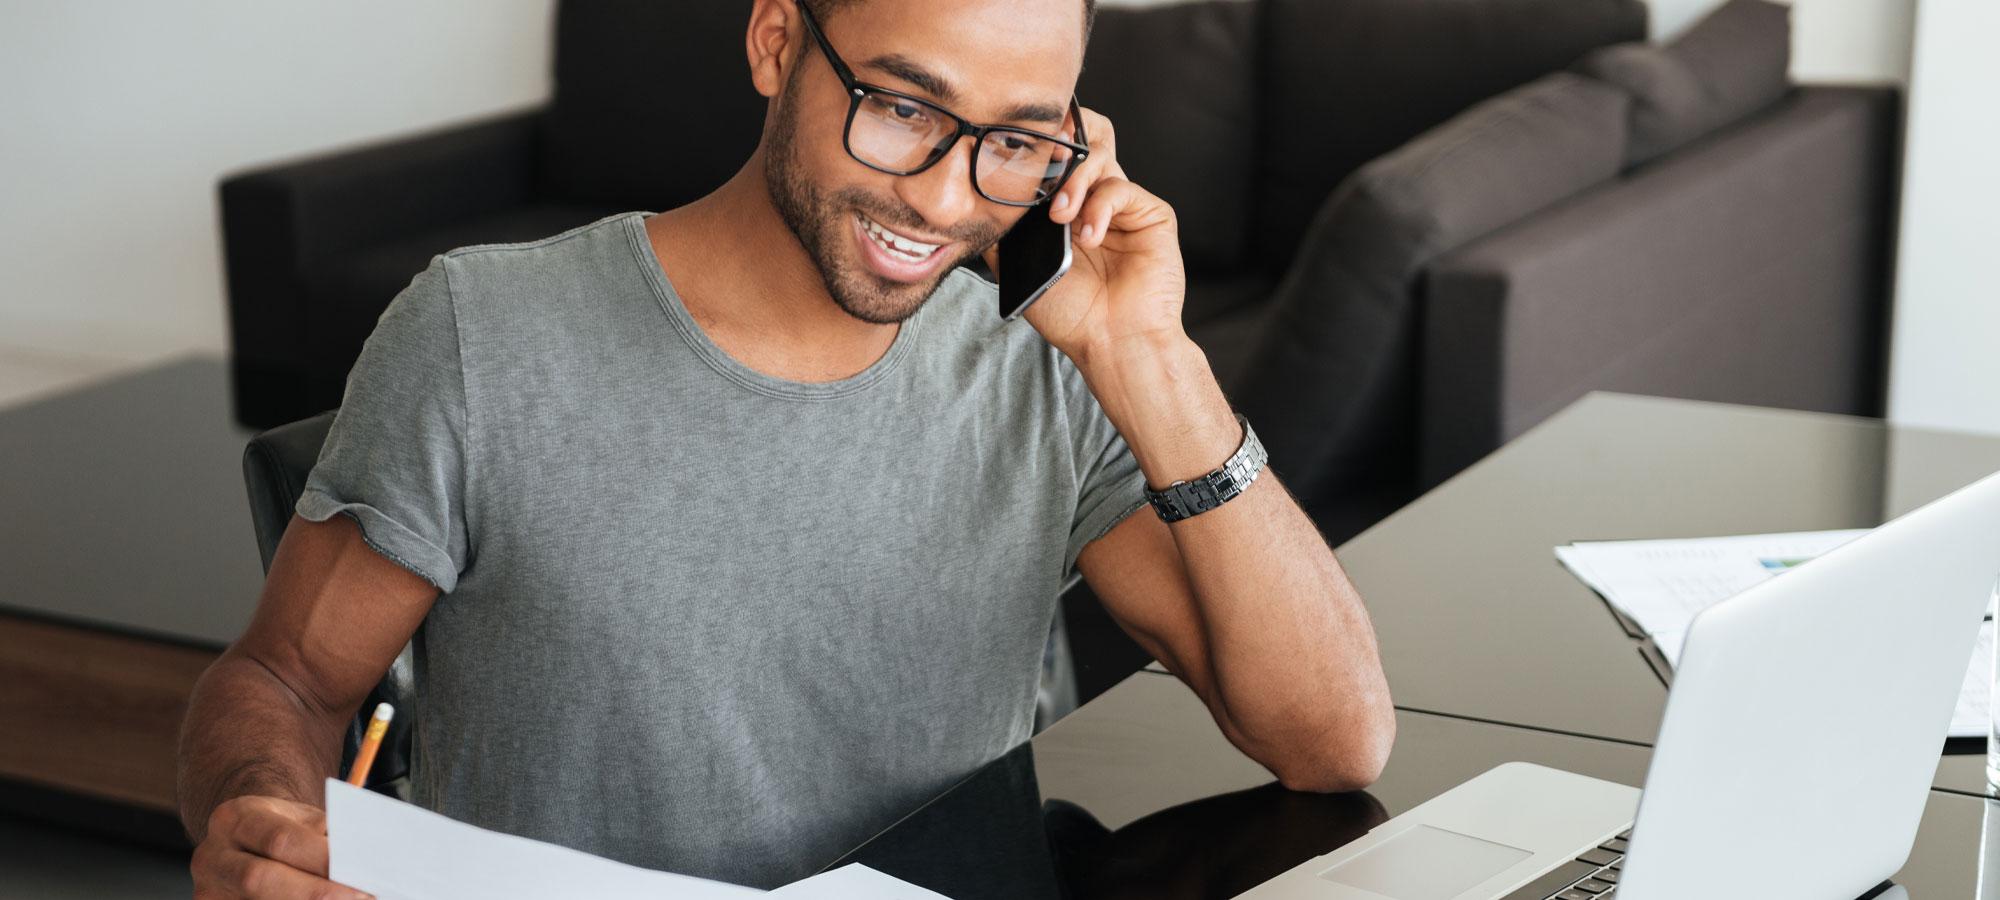 Smilende mann som snakker på telefonen